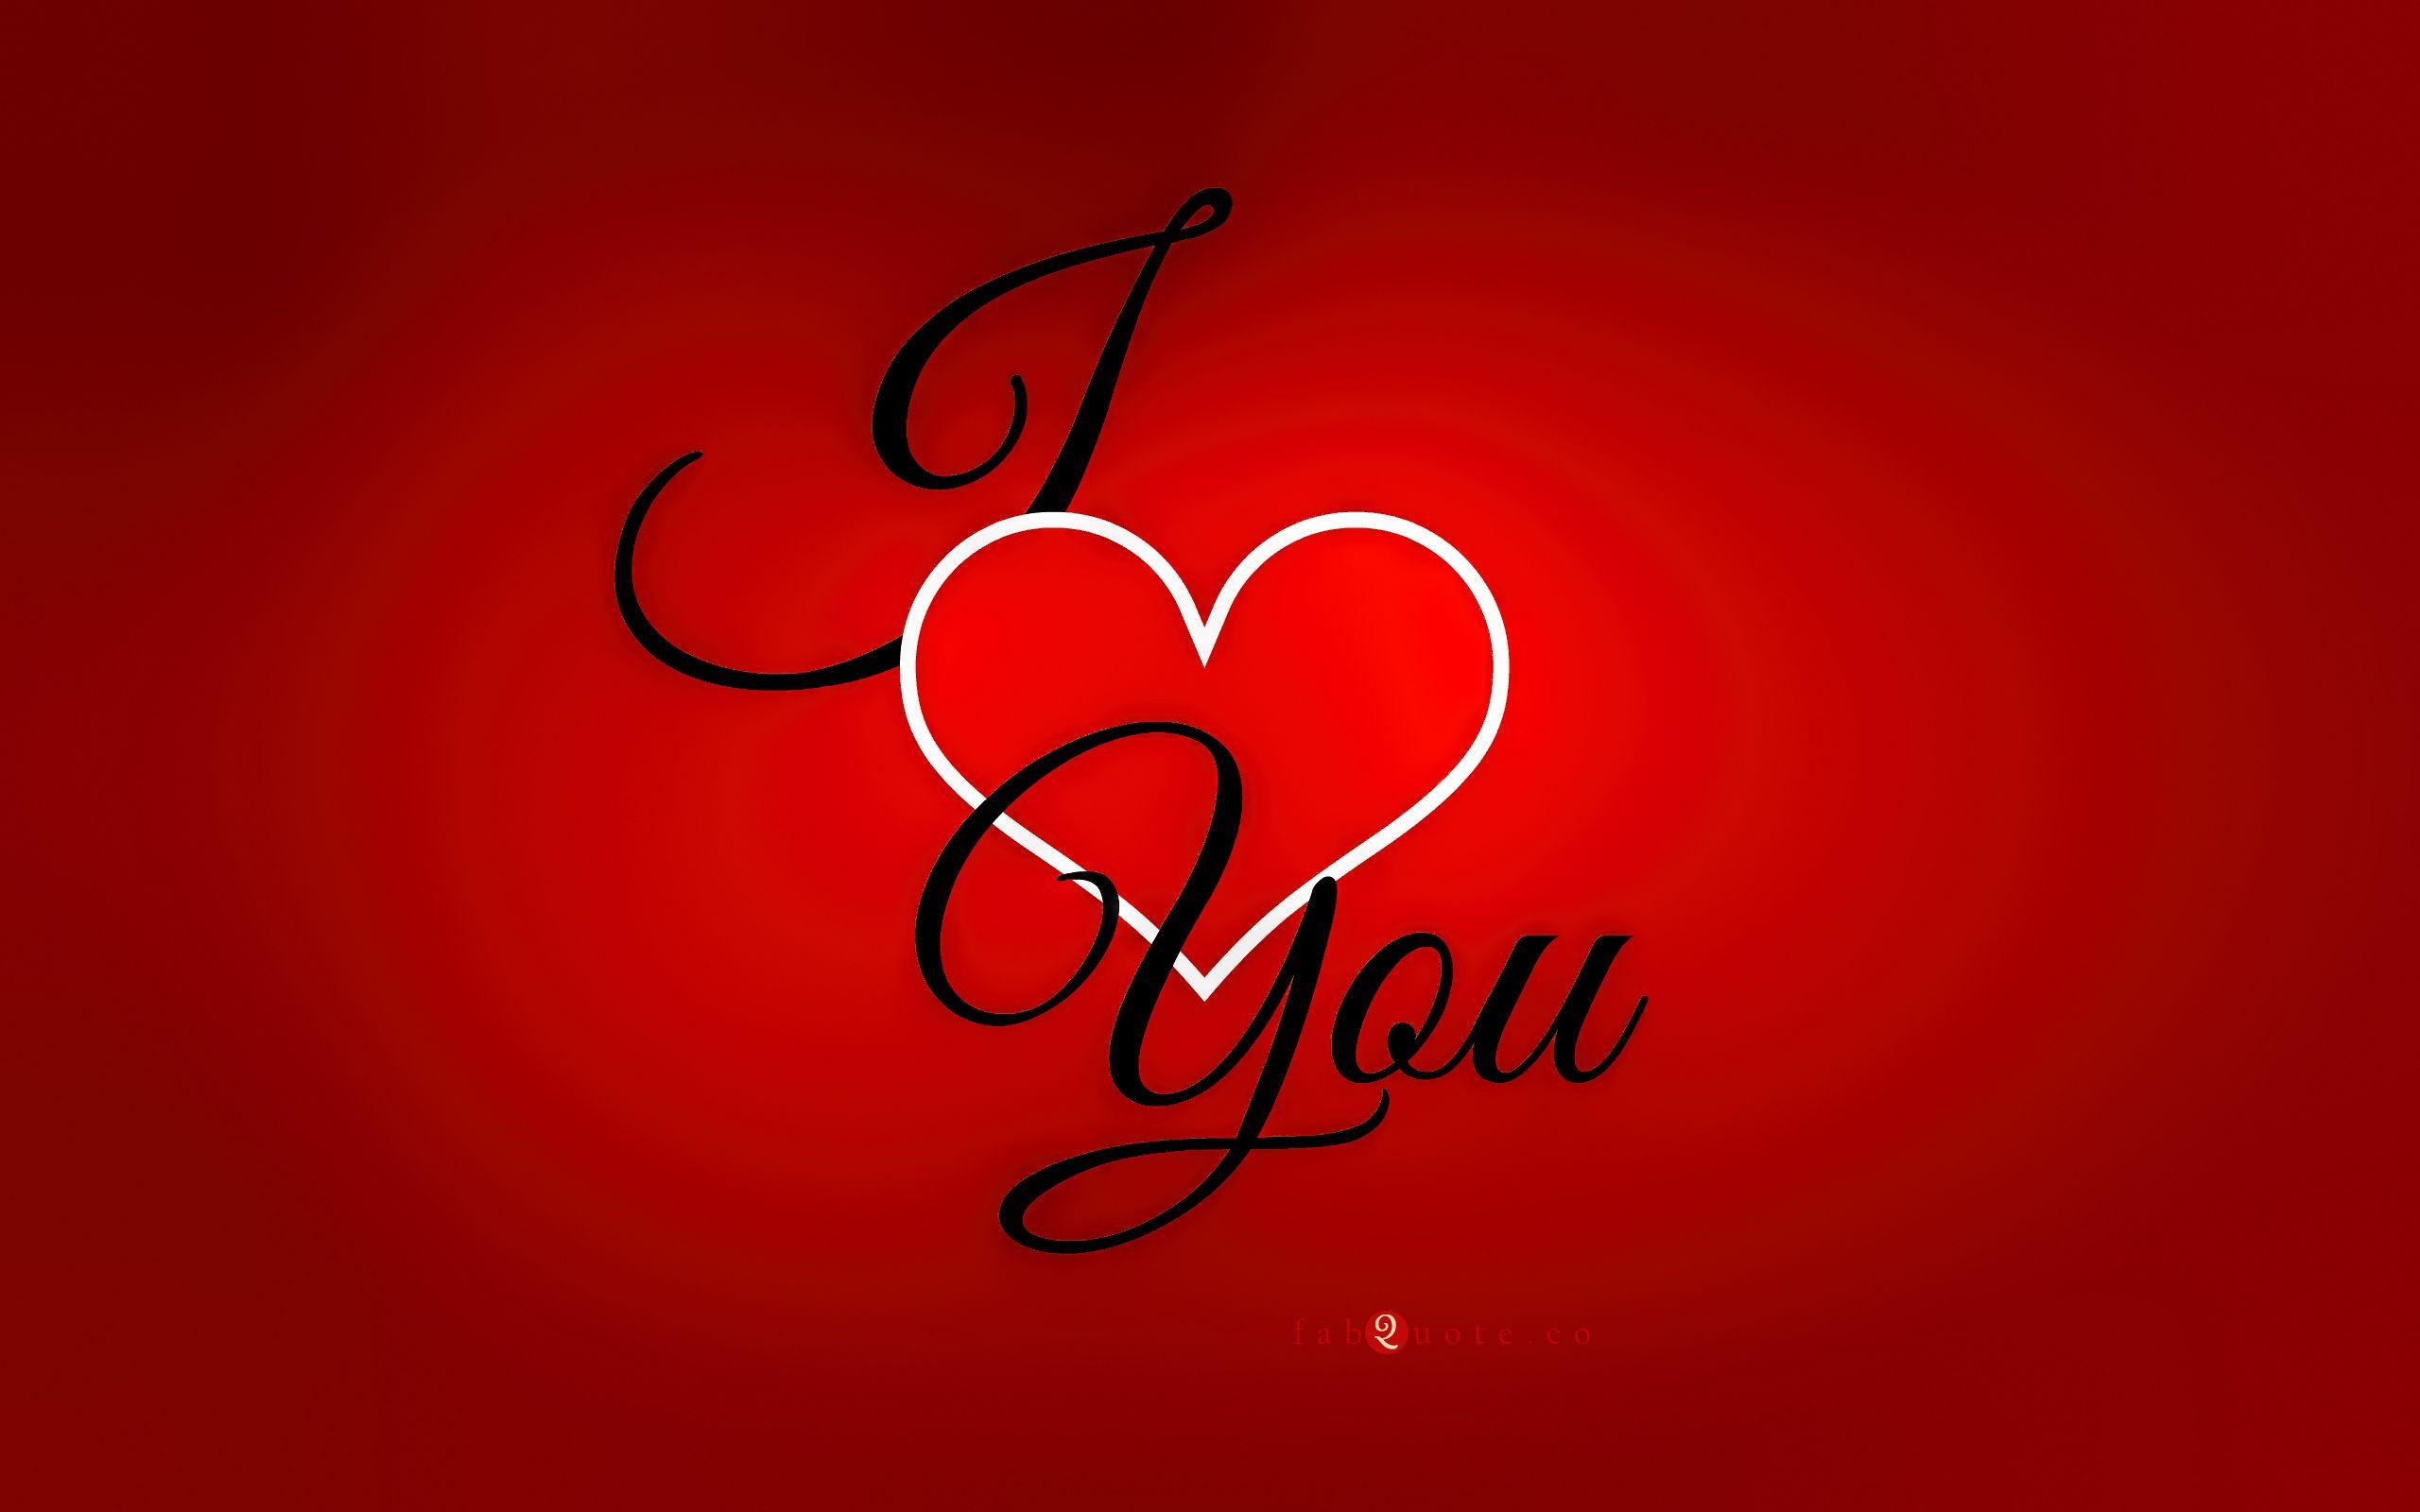 Hình ảnh chữ I Love You đơn giản cực đẹp